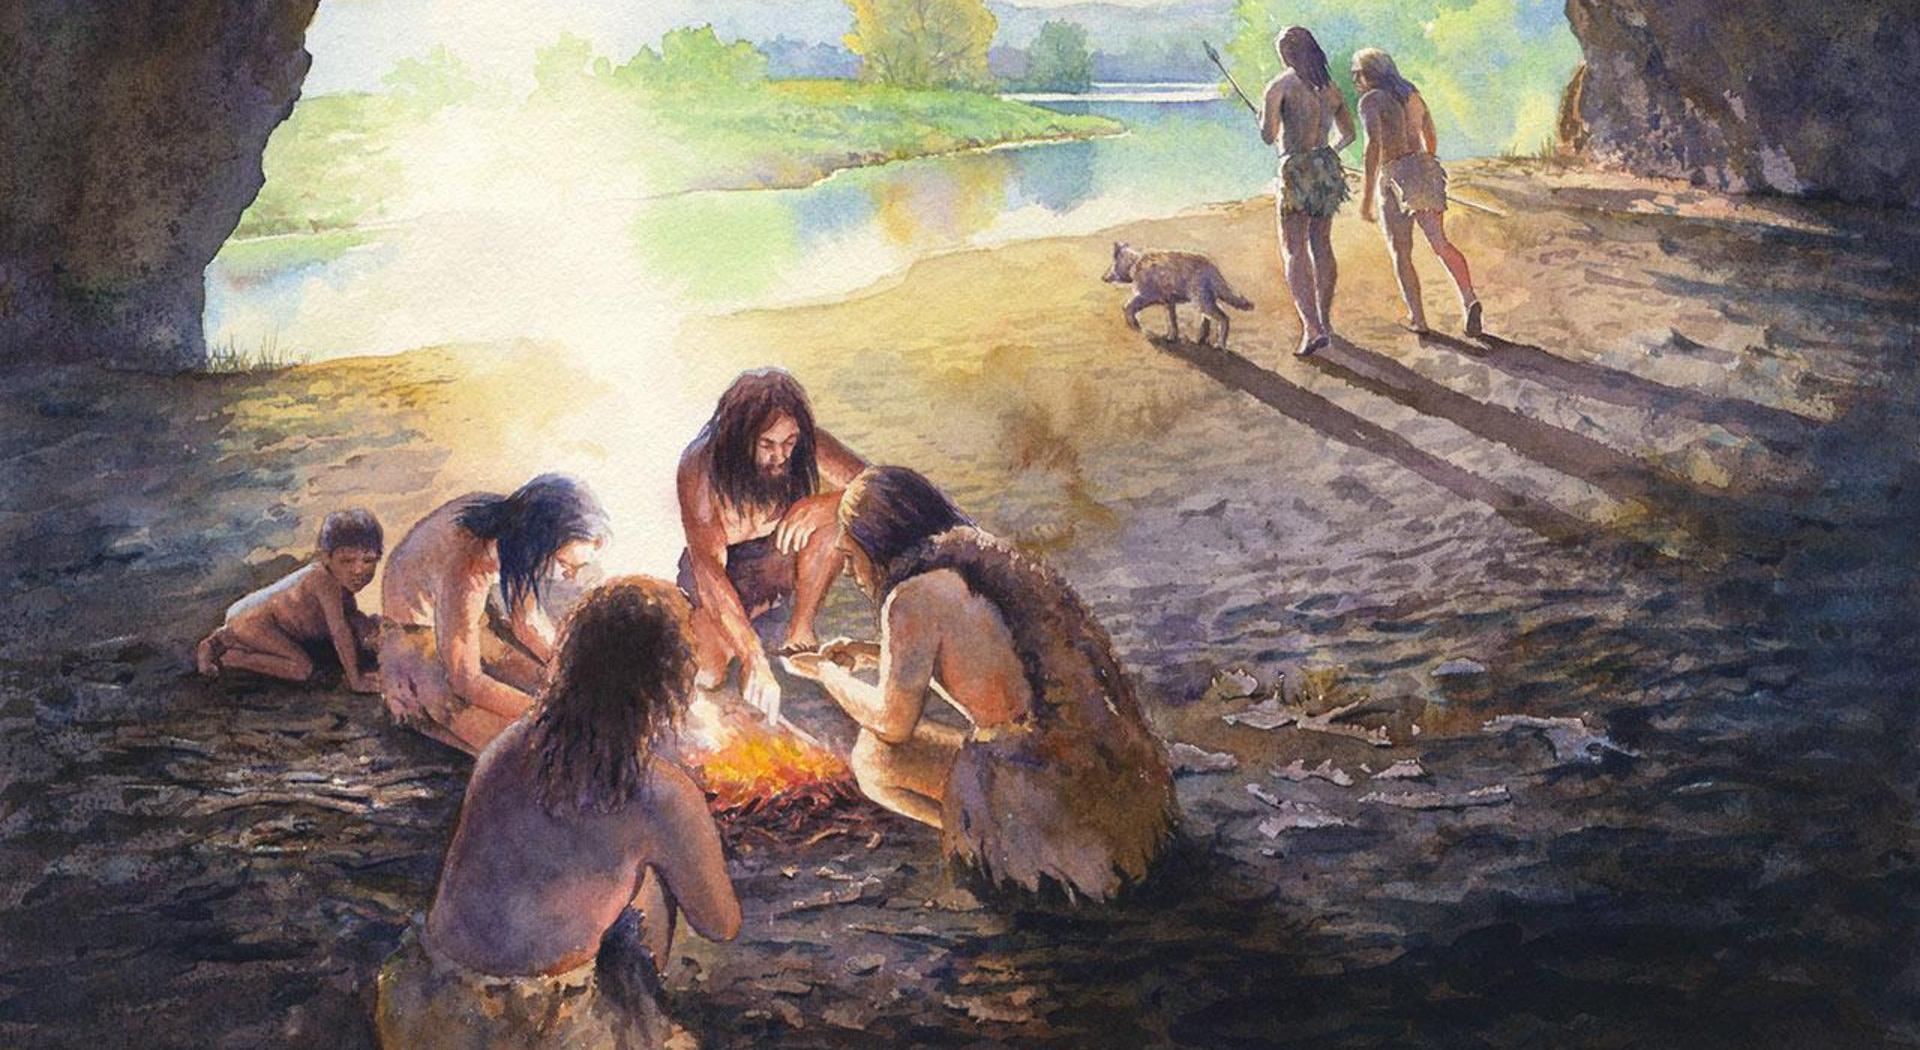 Ученые предположили, что распространение культуры началось уже 400 тысяч лет назад